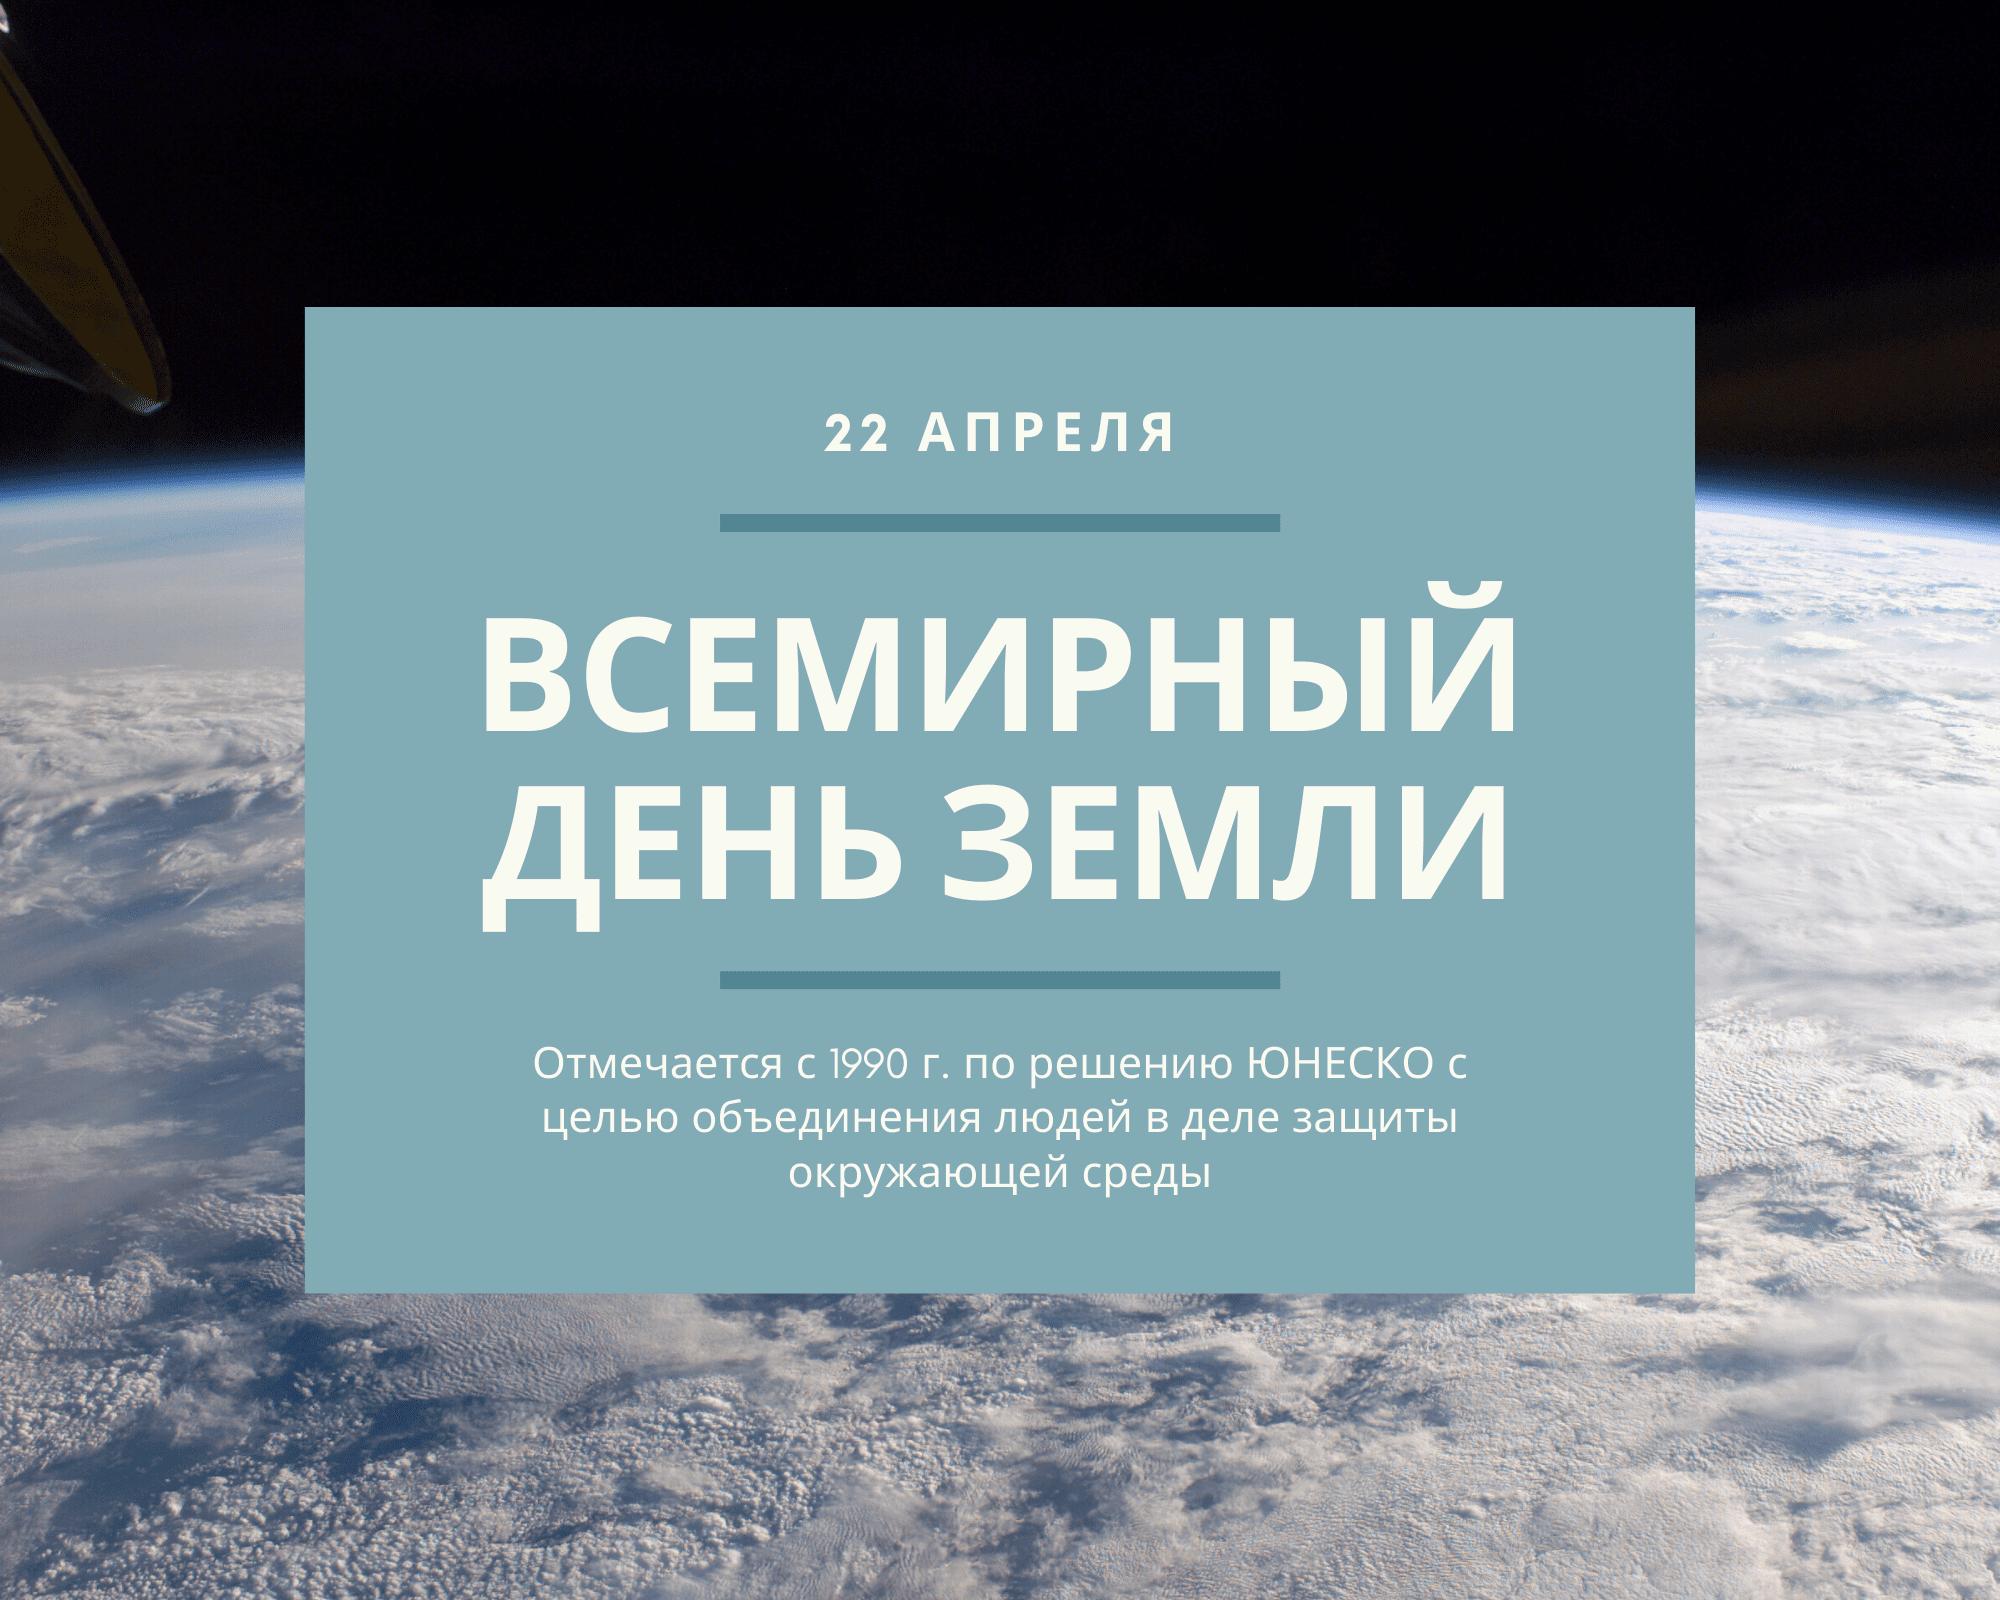 День Земли. 22 апреля